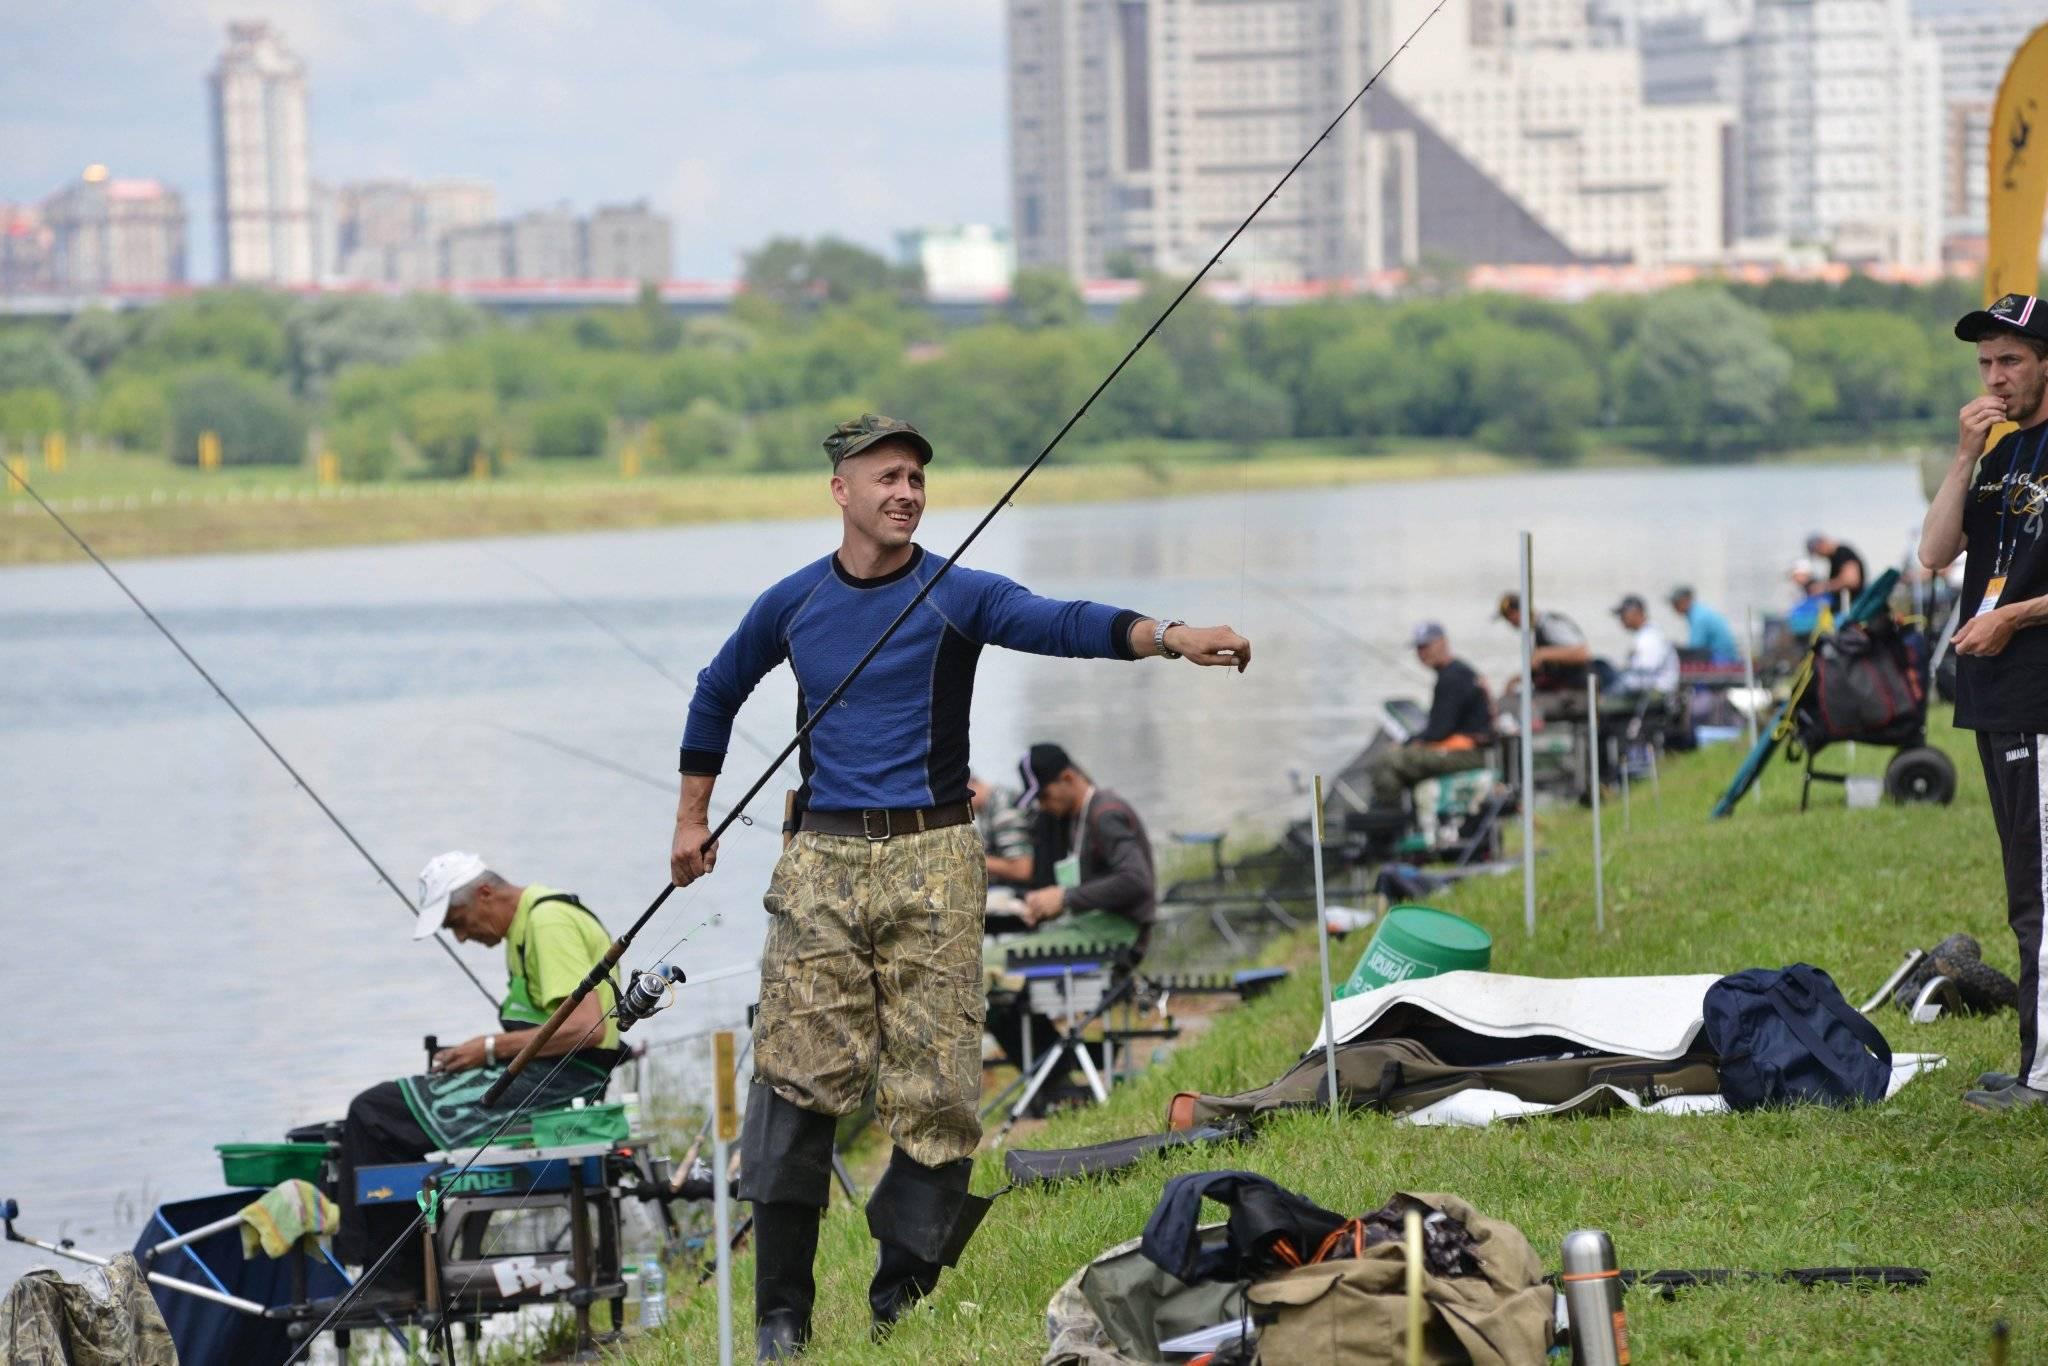 Лунское озеро в сормовском районе нижнего новгорода: как проехать, отдых, рыбалка